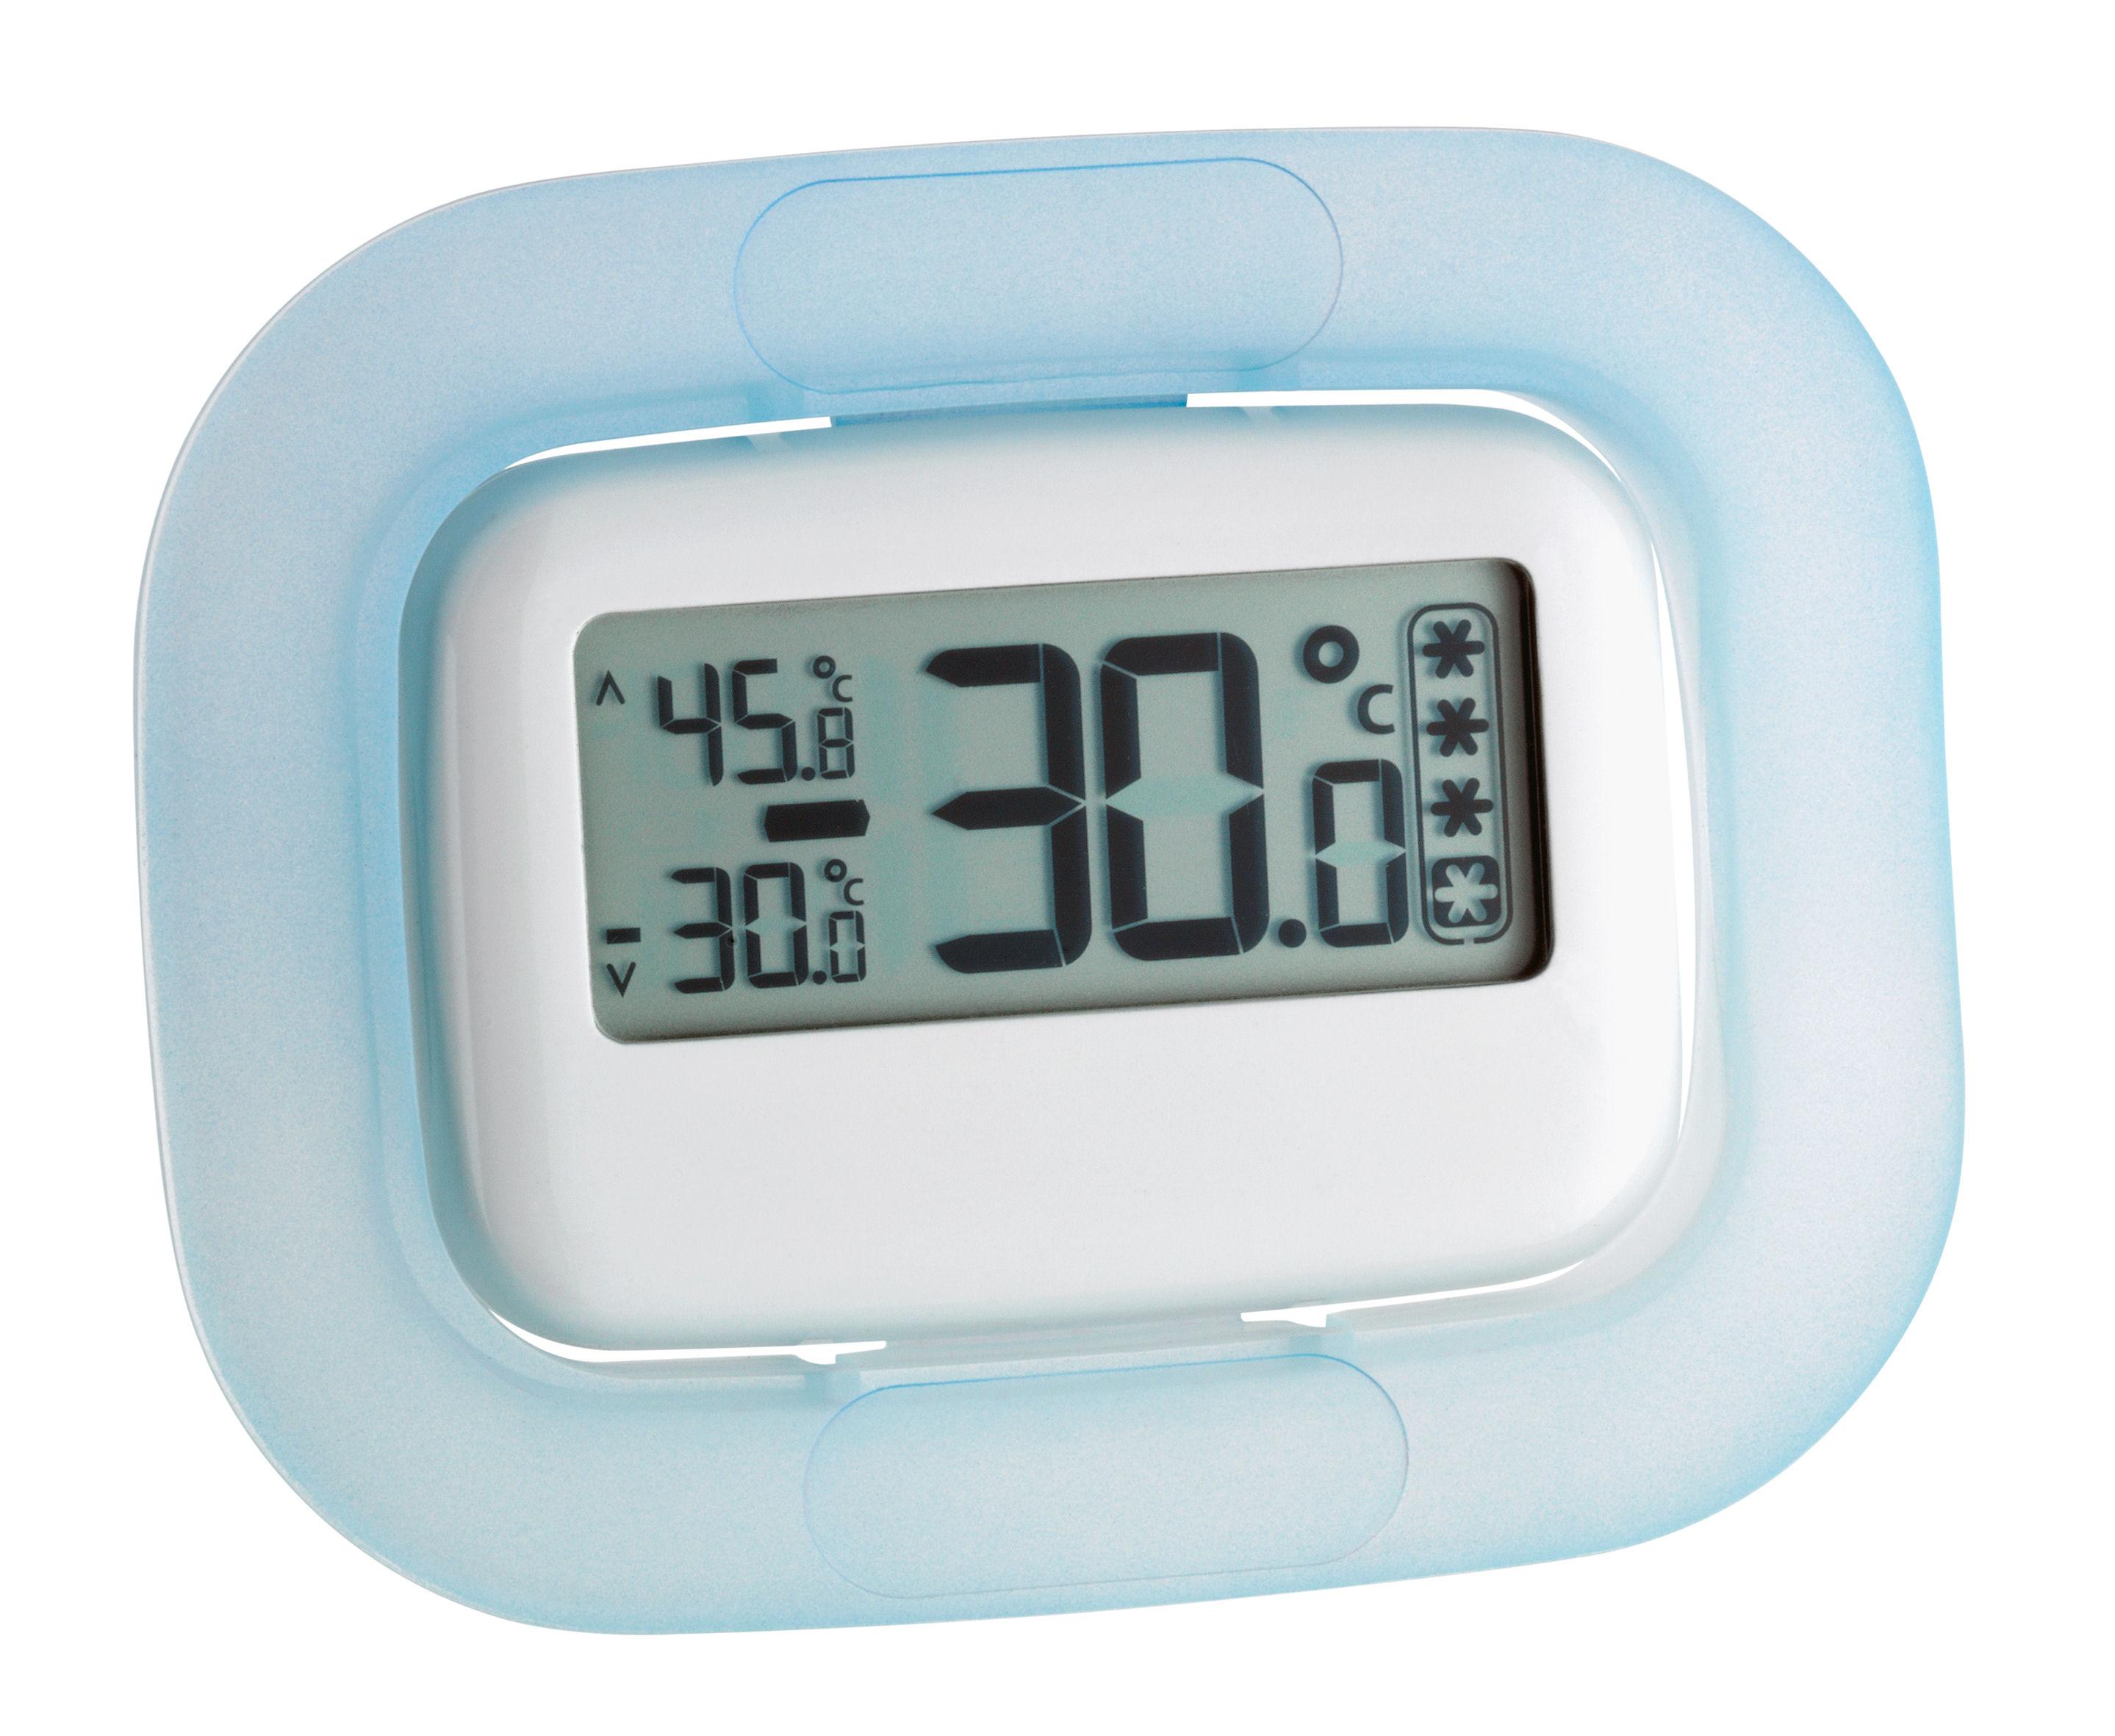 Kühlschrank Duft : Tfa dostmann kühlschrank gefrierschrank thermometer